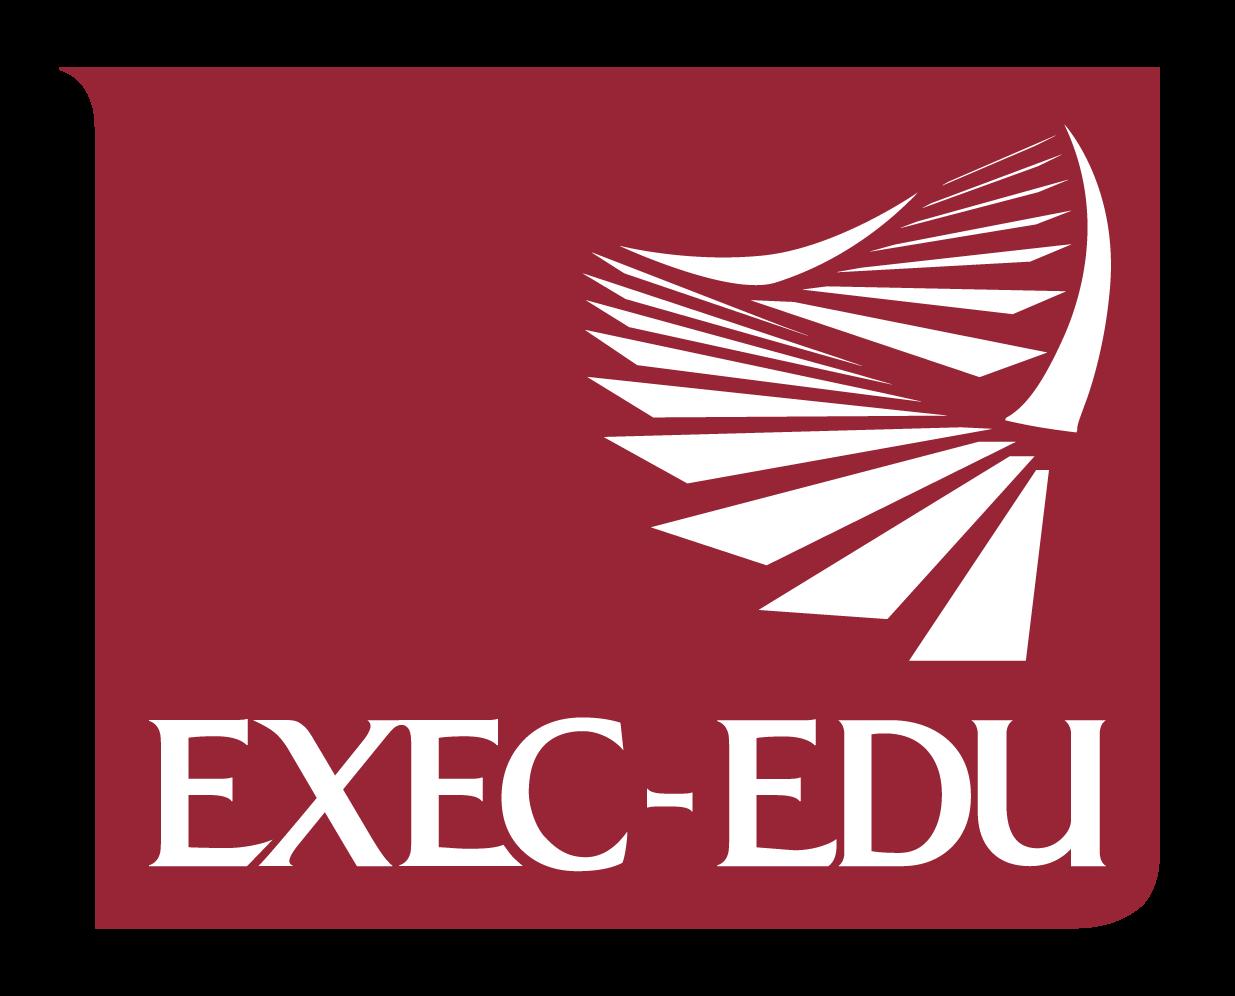 Exec - edu